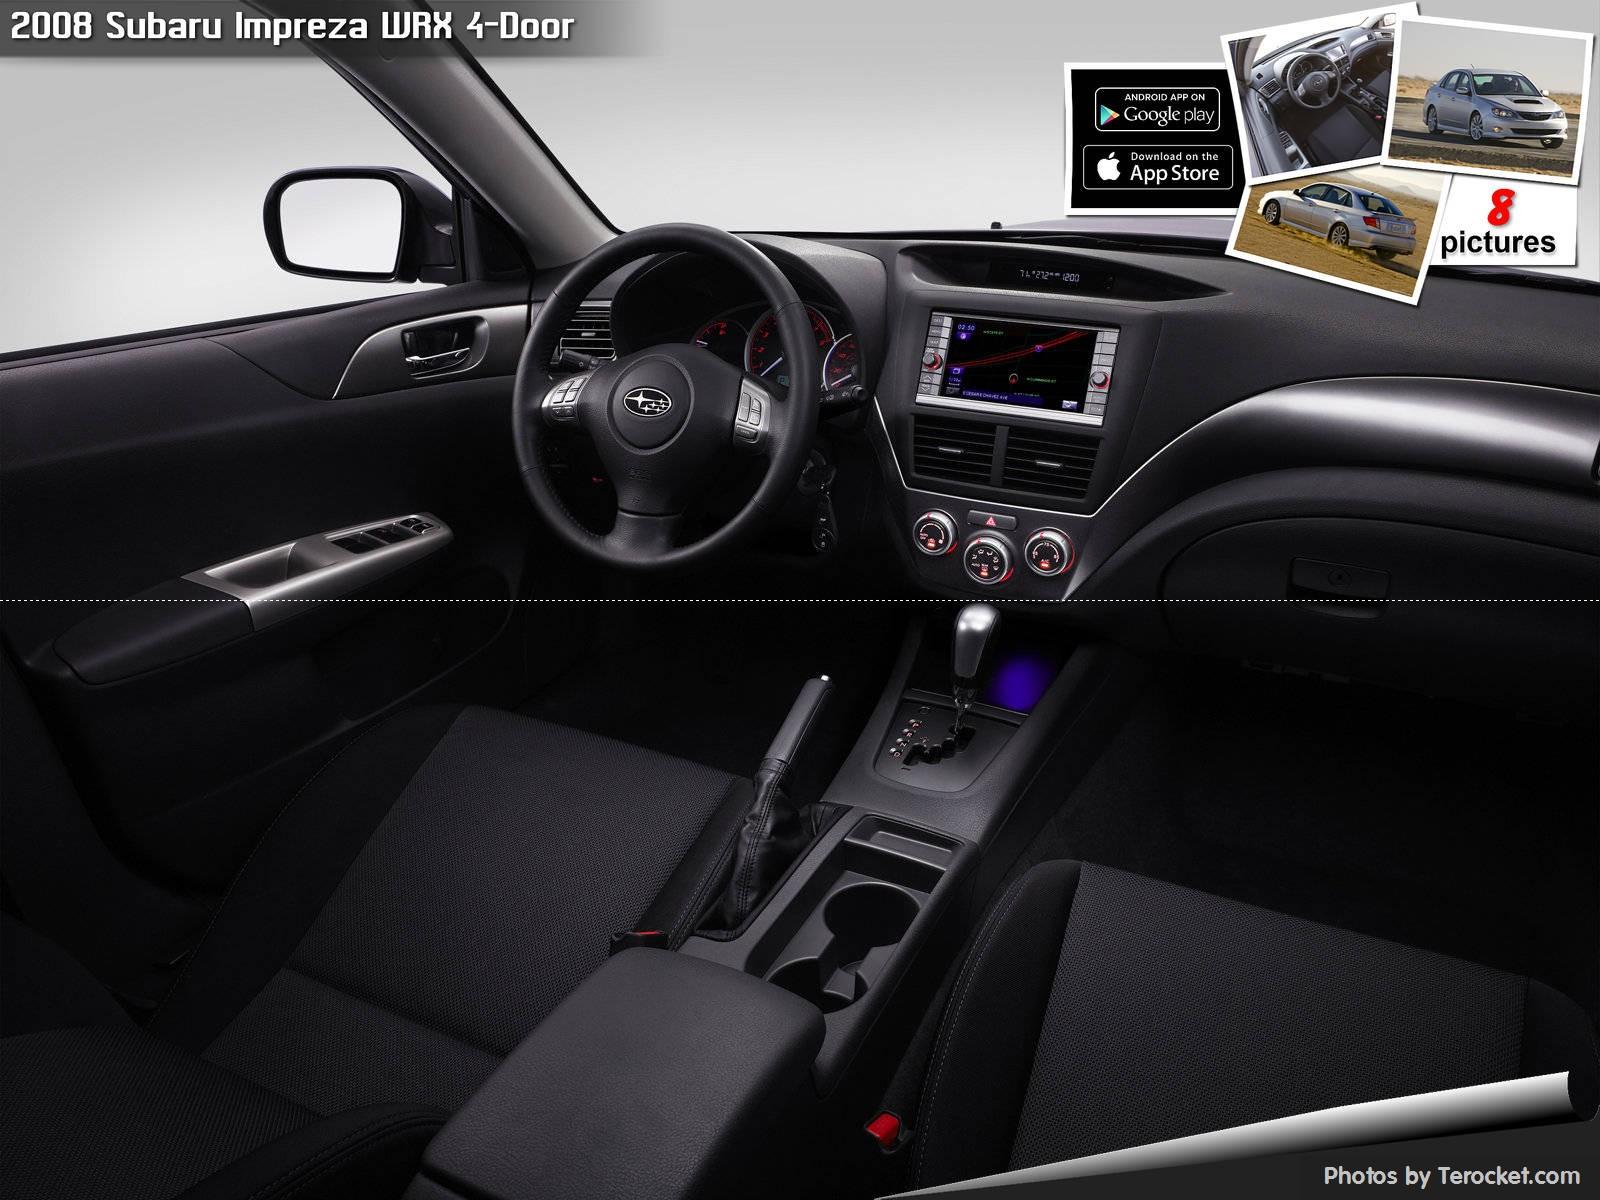 Hình ảnh xe ô tô Subaru Impreza WRX 4-Door 2008 & nội ngoại thất